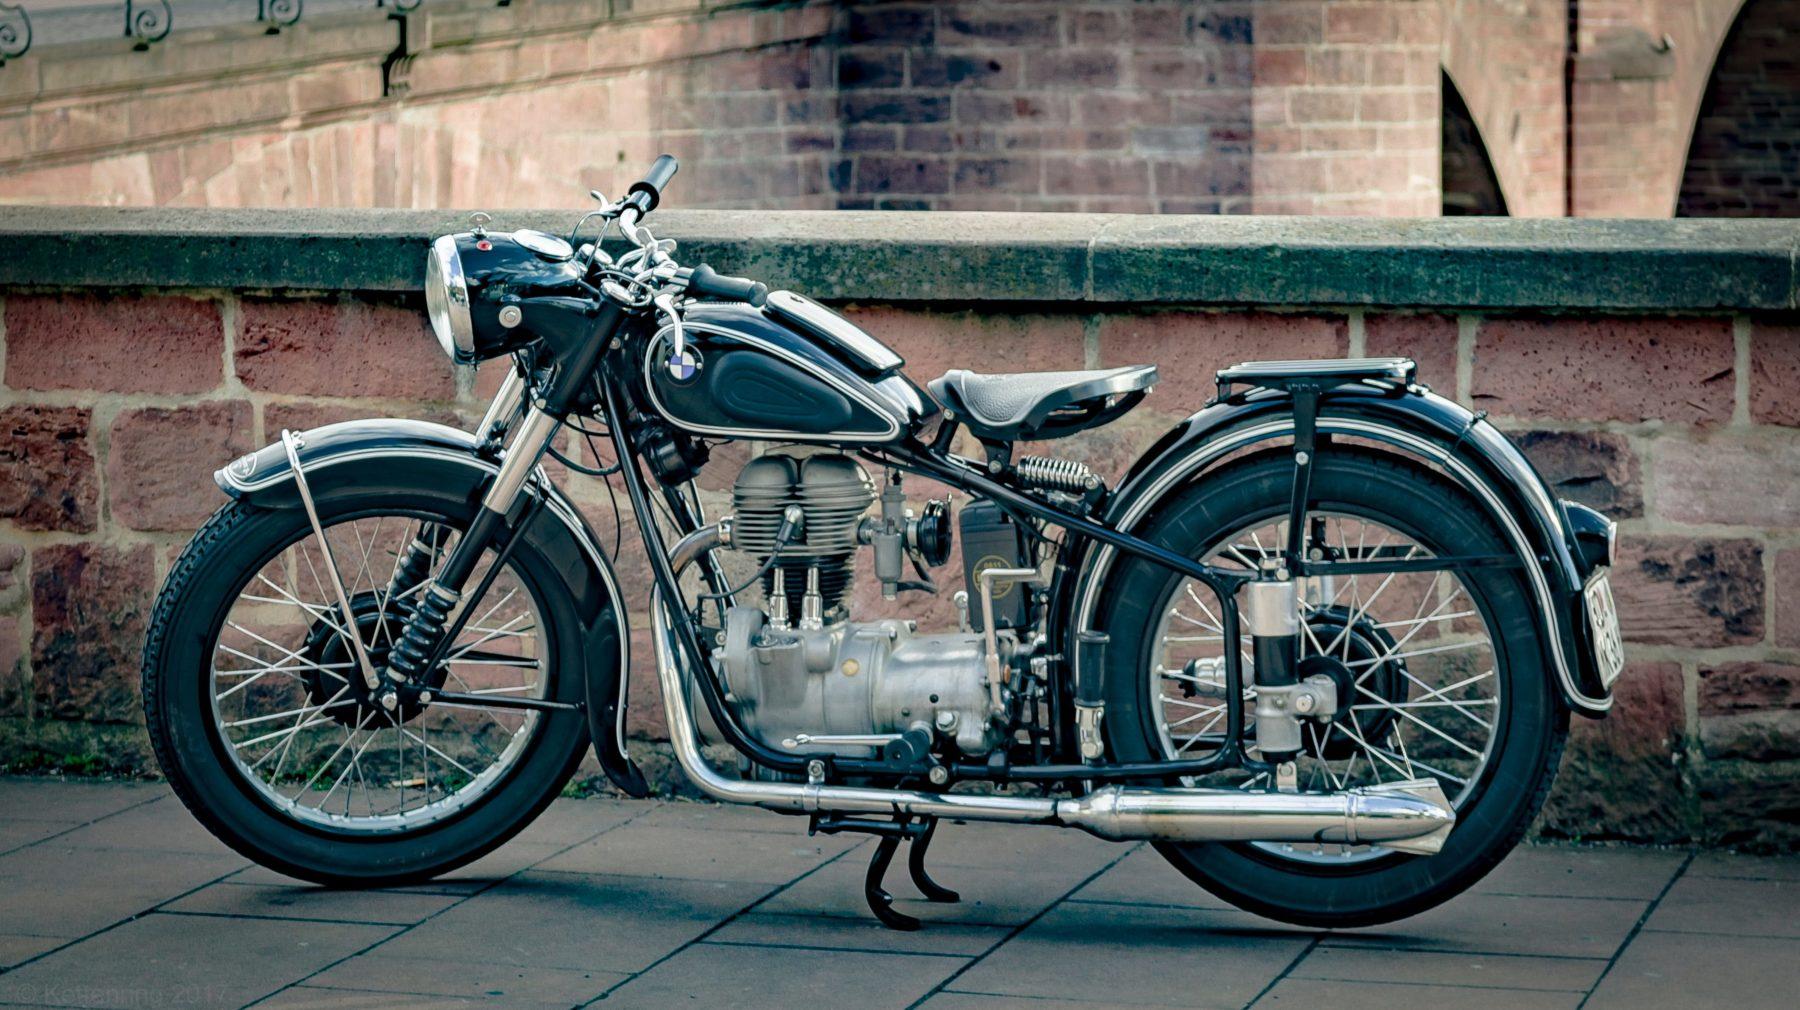 pintar las llantas de una moto